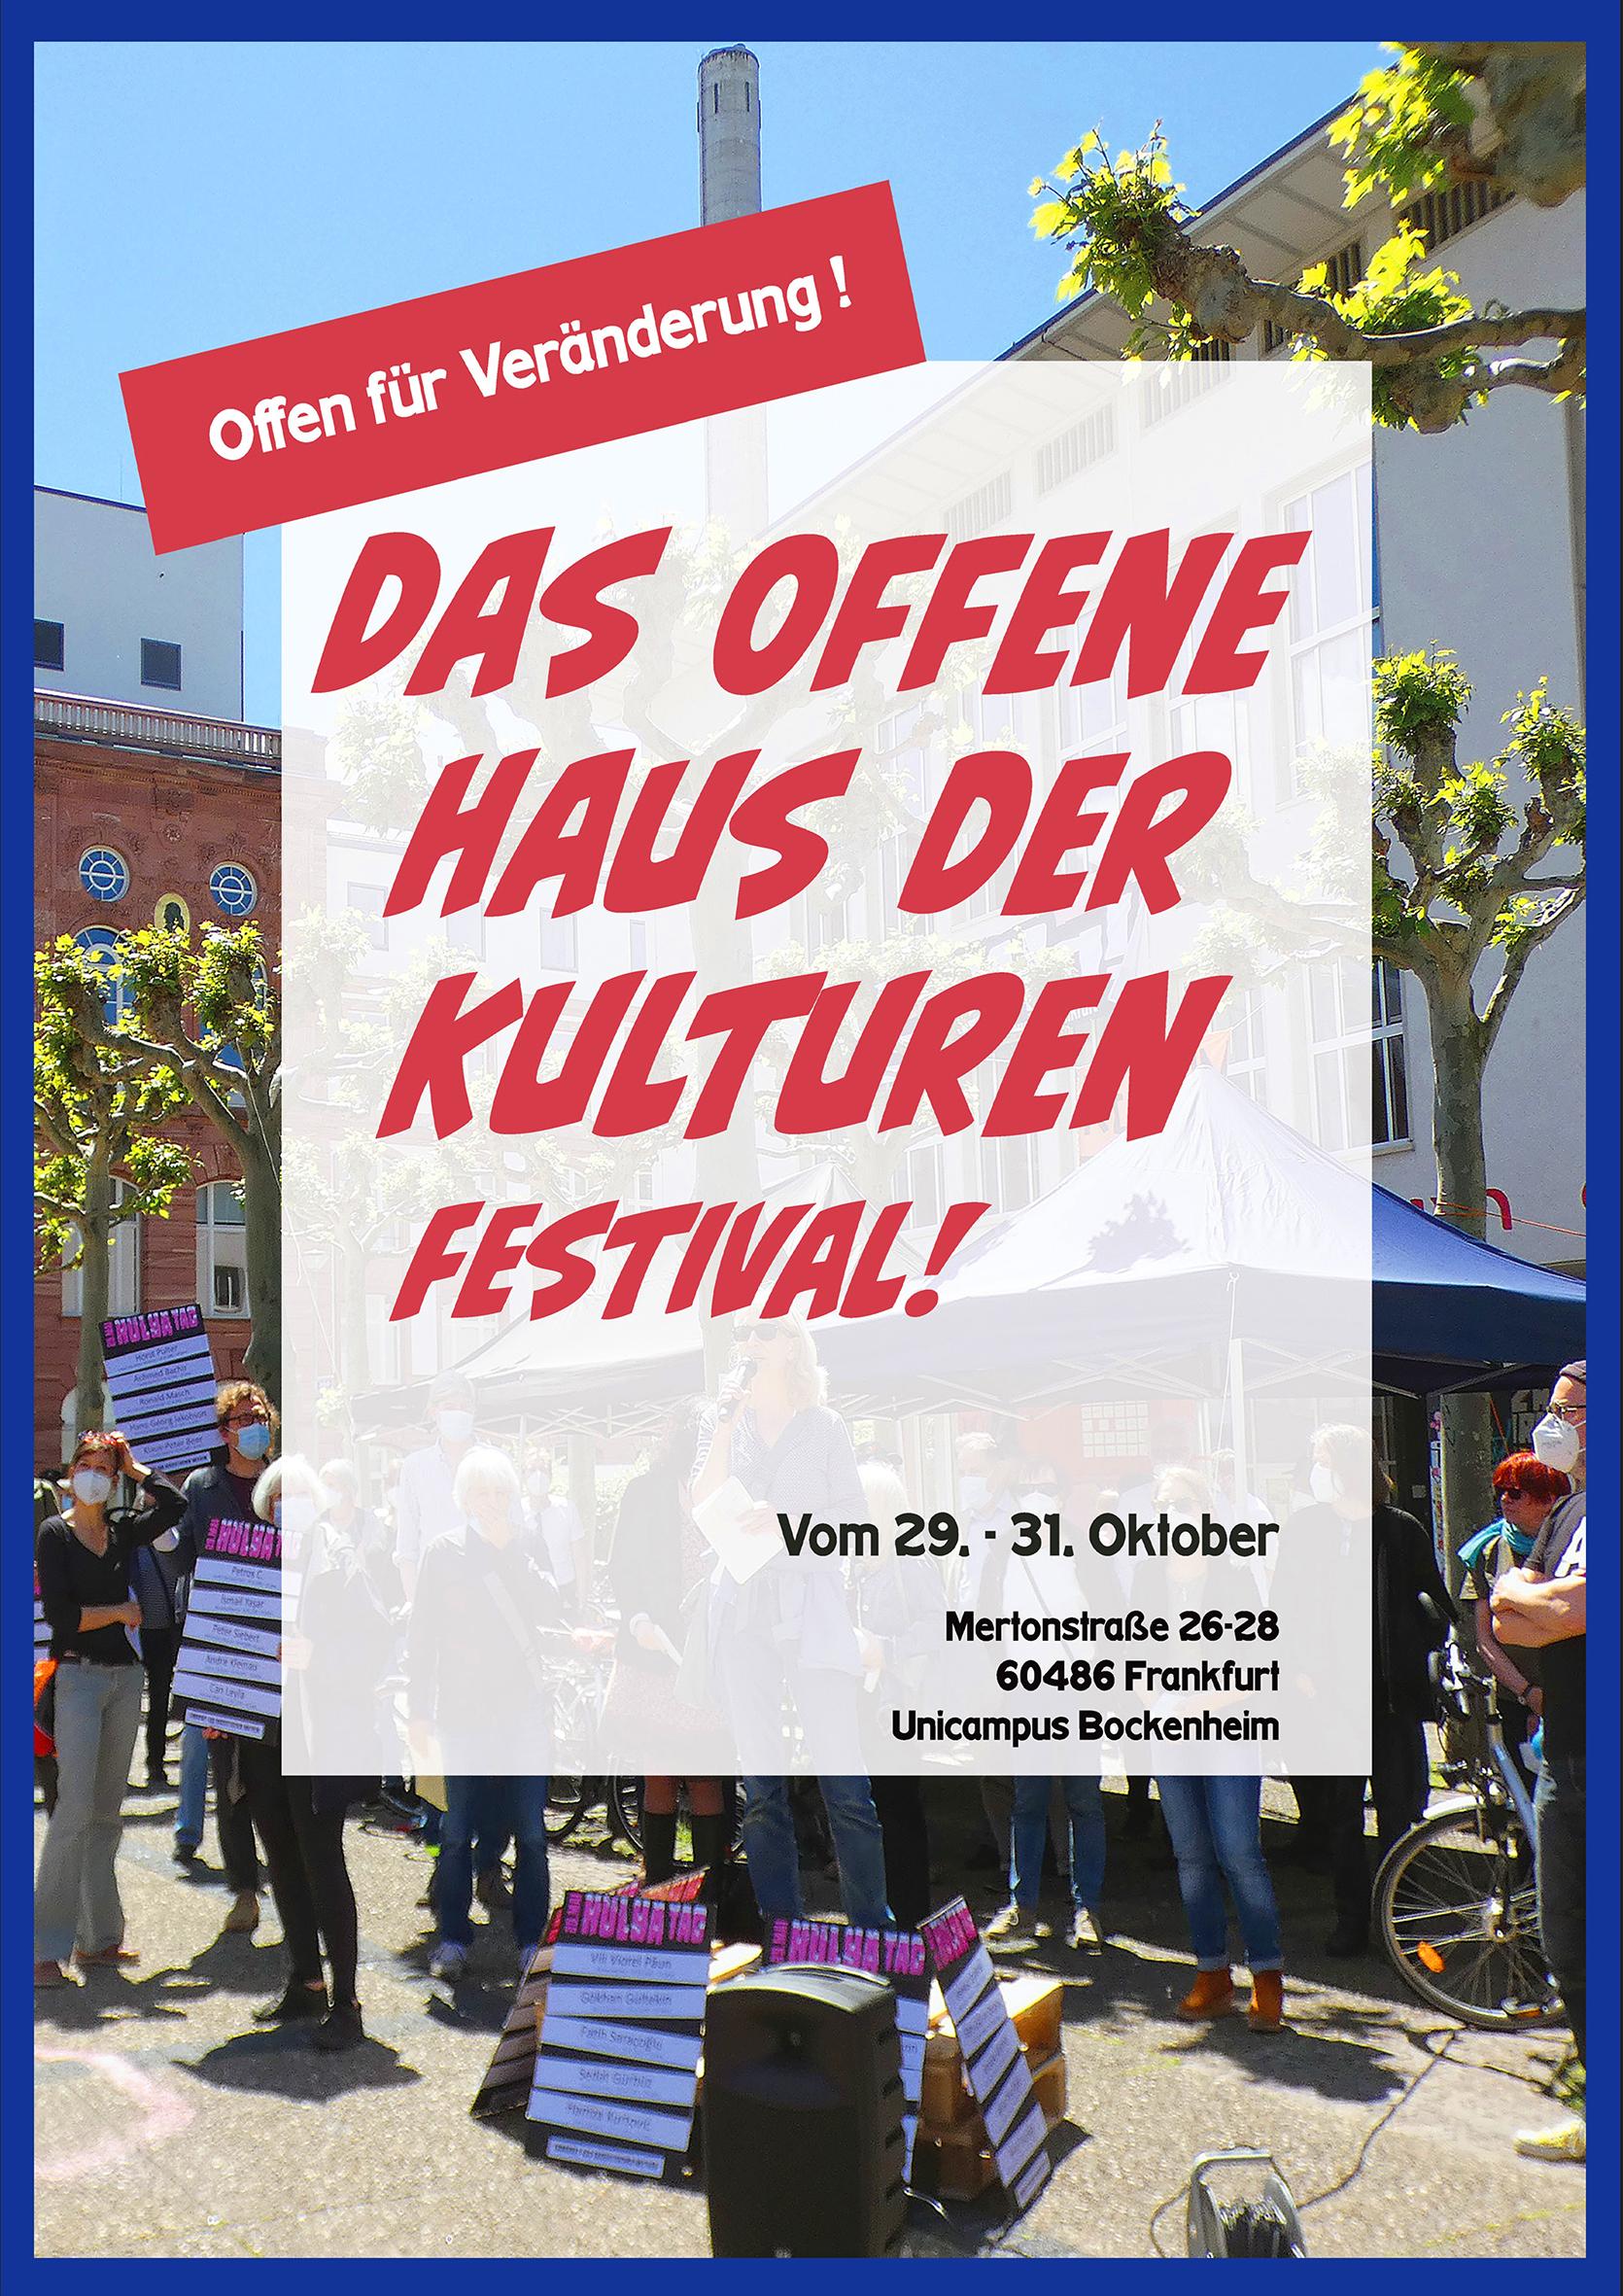 Offen für Veränderung – Das Offene Haus der Kulturen feiert den Start seiner großen Kampagne mit einem mehrtägigen Festival.